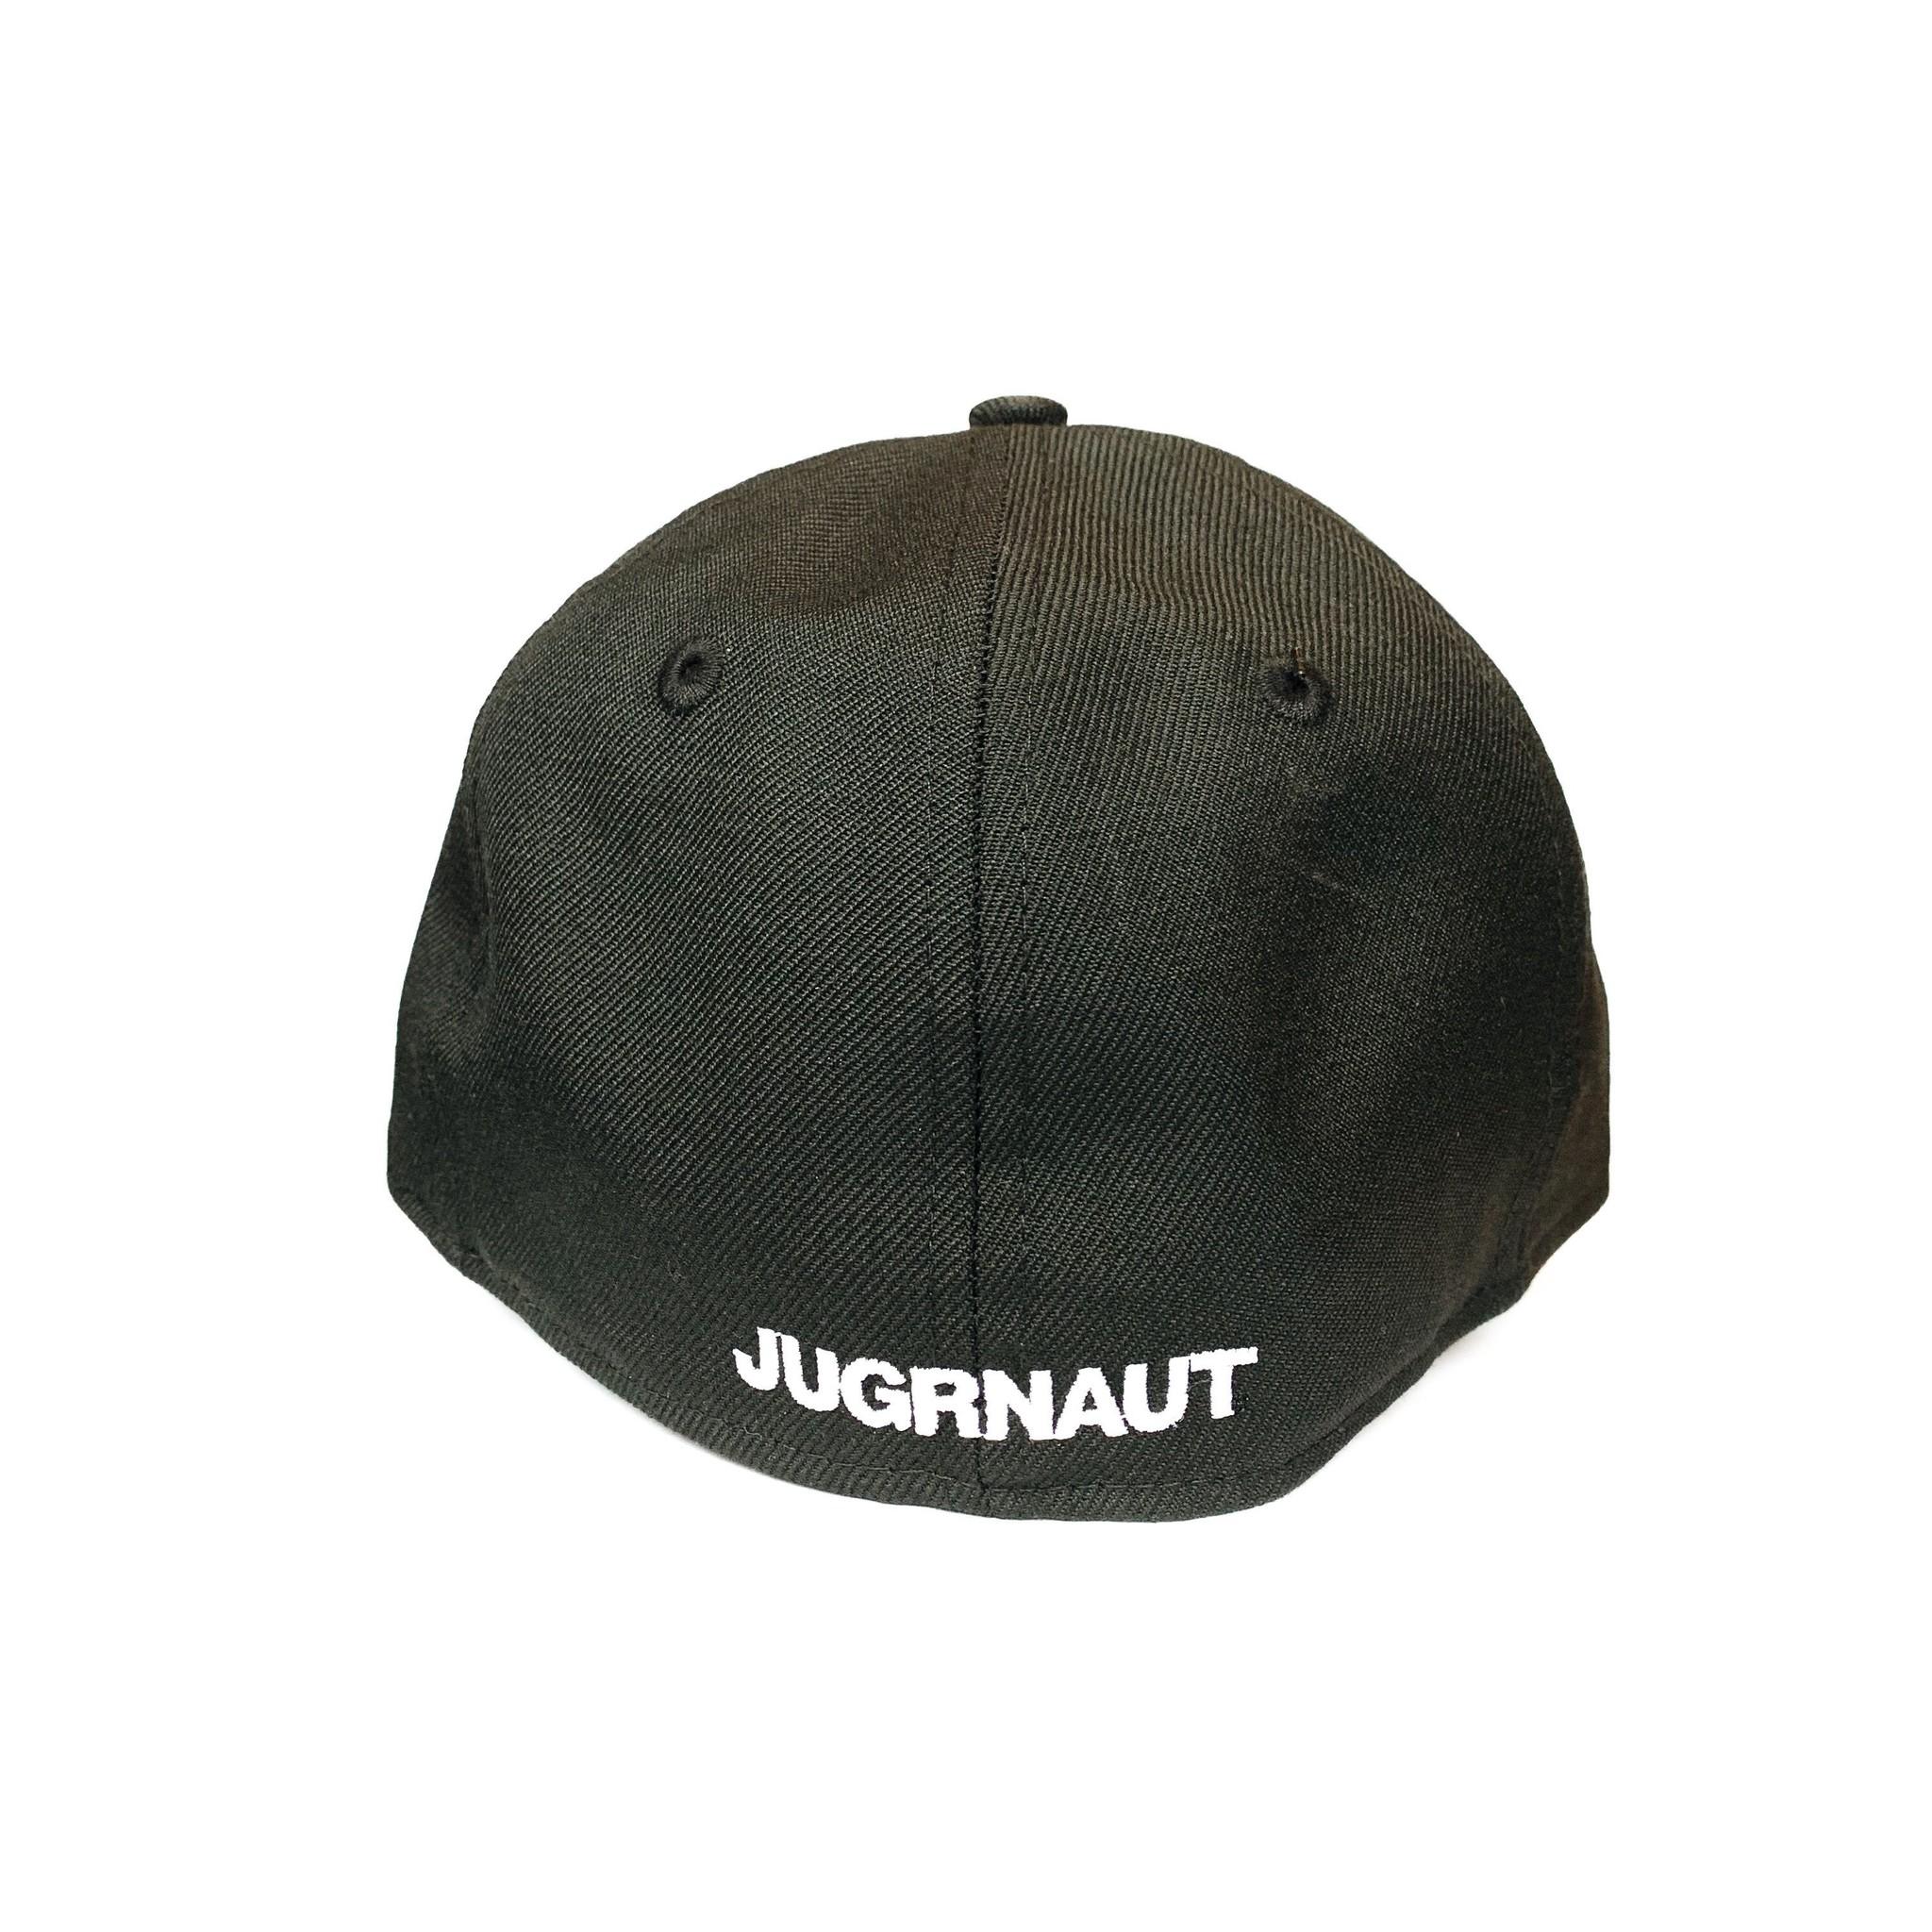 Jugrnaut Jugrnaut x New Era Black size